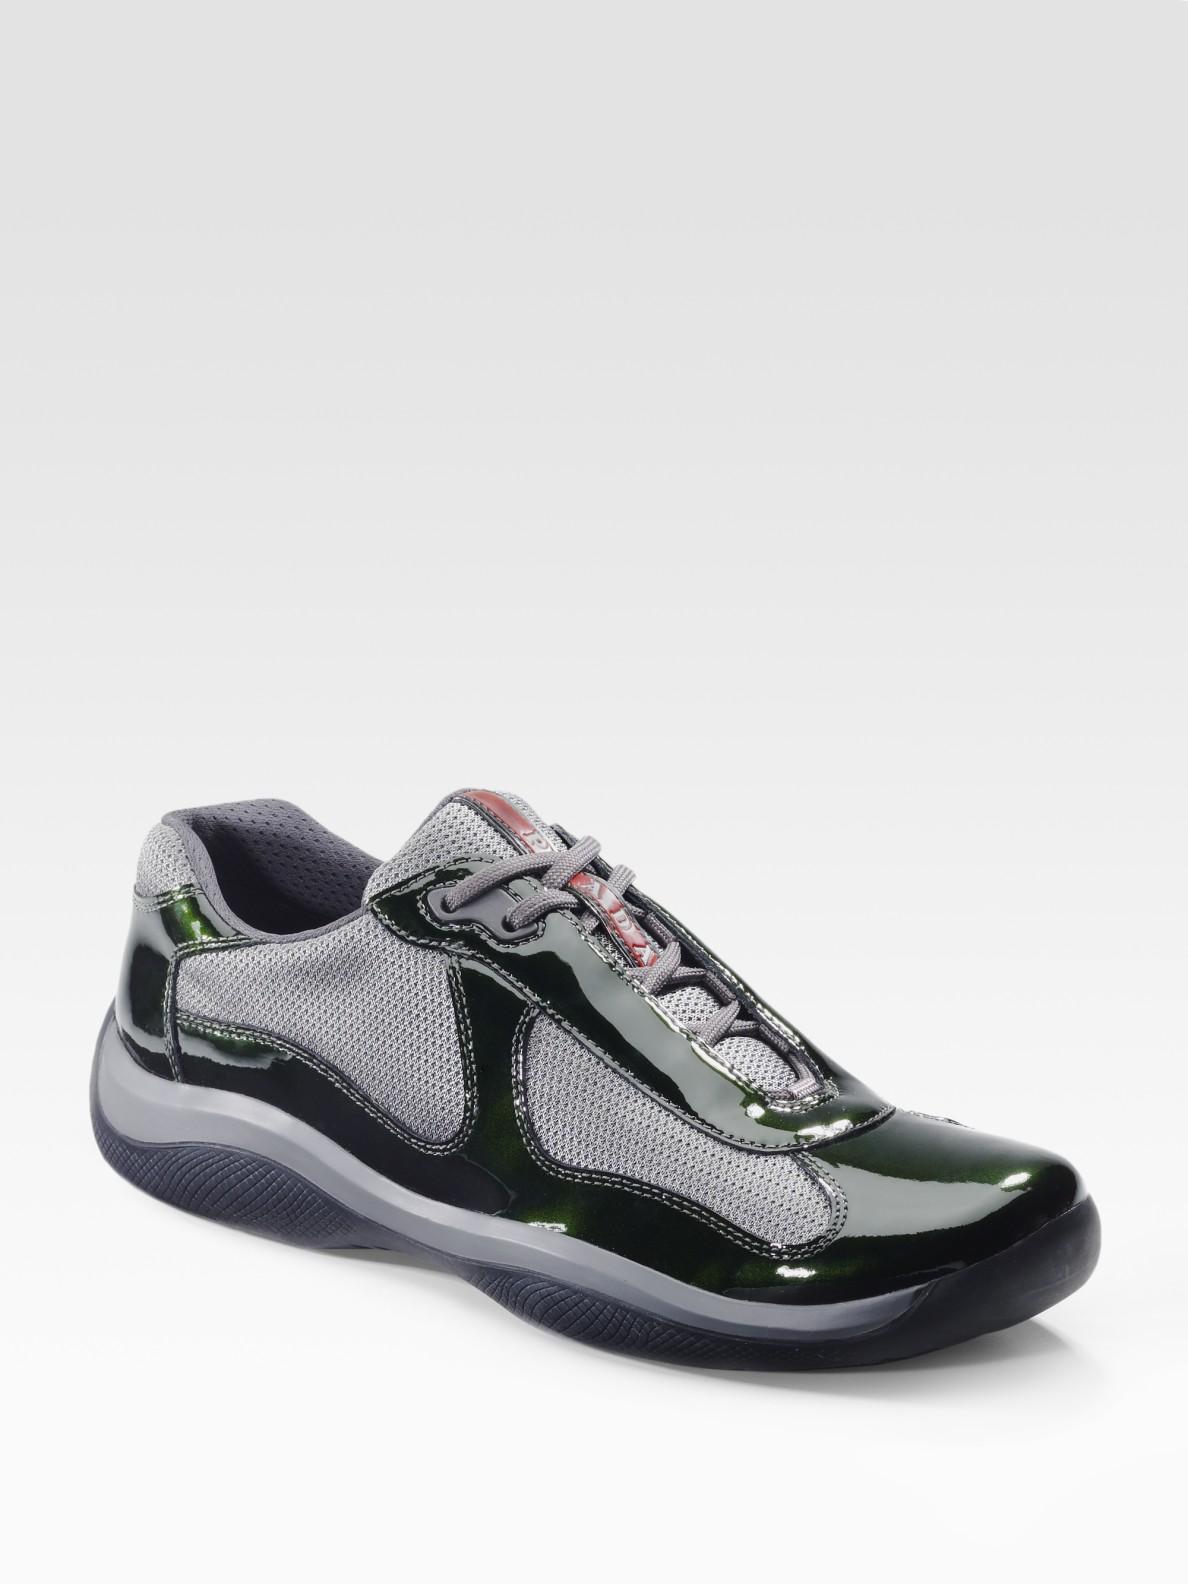 b6b9fad0 czech prada sport sneaker 6db77 26dd0